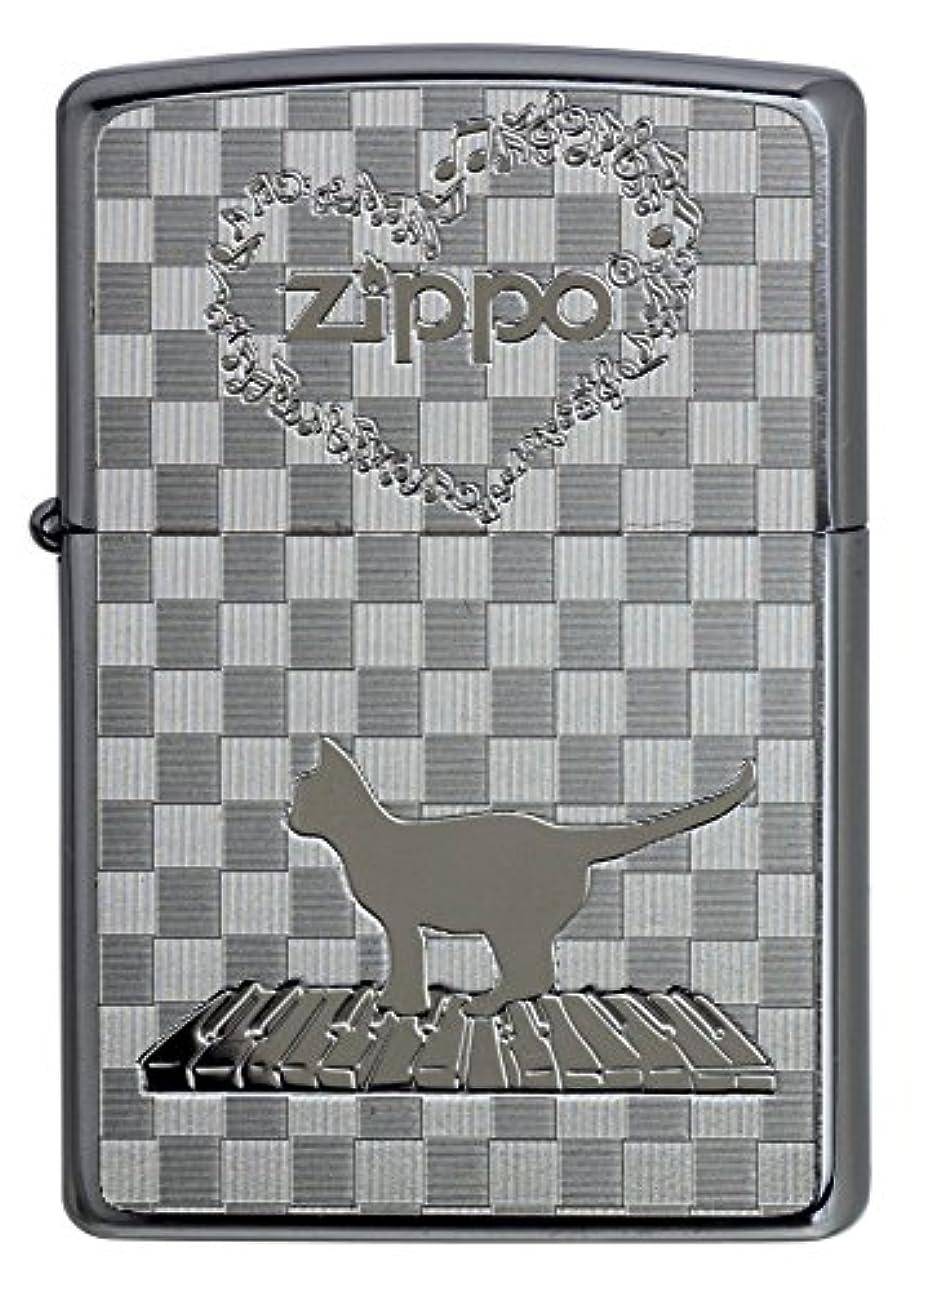 誰か屋内でベーカリー【ZIPPO】 ジッポーライター オイル ライター 猫 ネコと音符 ブラッシュクローム メタルプレート貼り